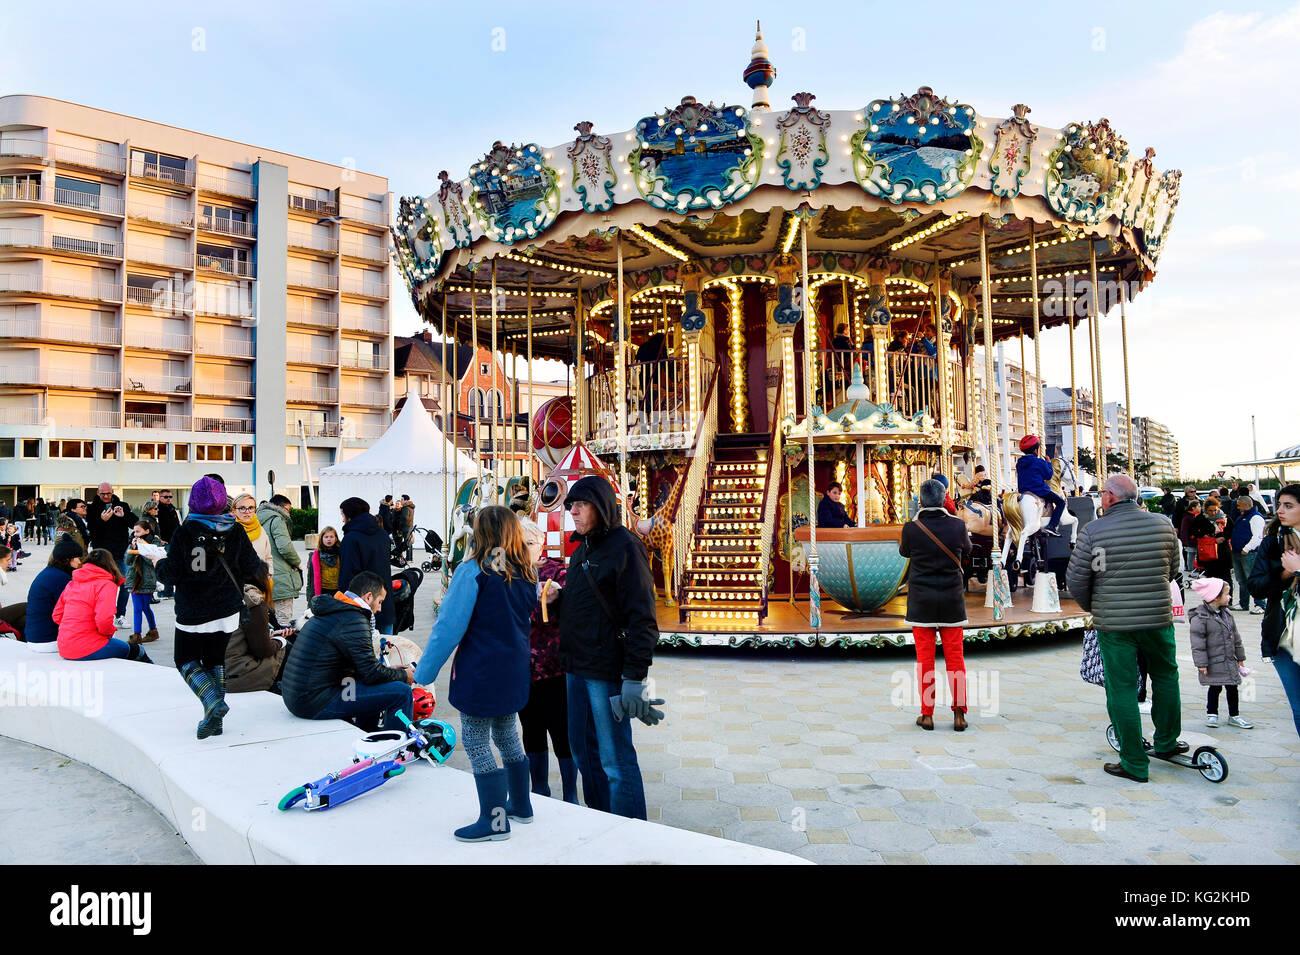 Merry go round - Le Touquet-Paris-Plage, Pas-de-Calais, Ile-de-France - Frankreich Stockbild